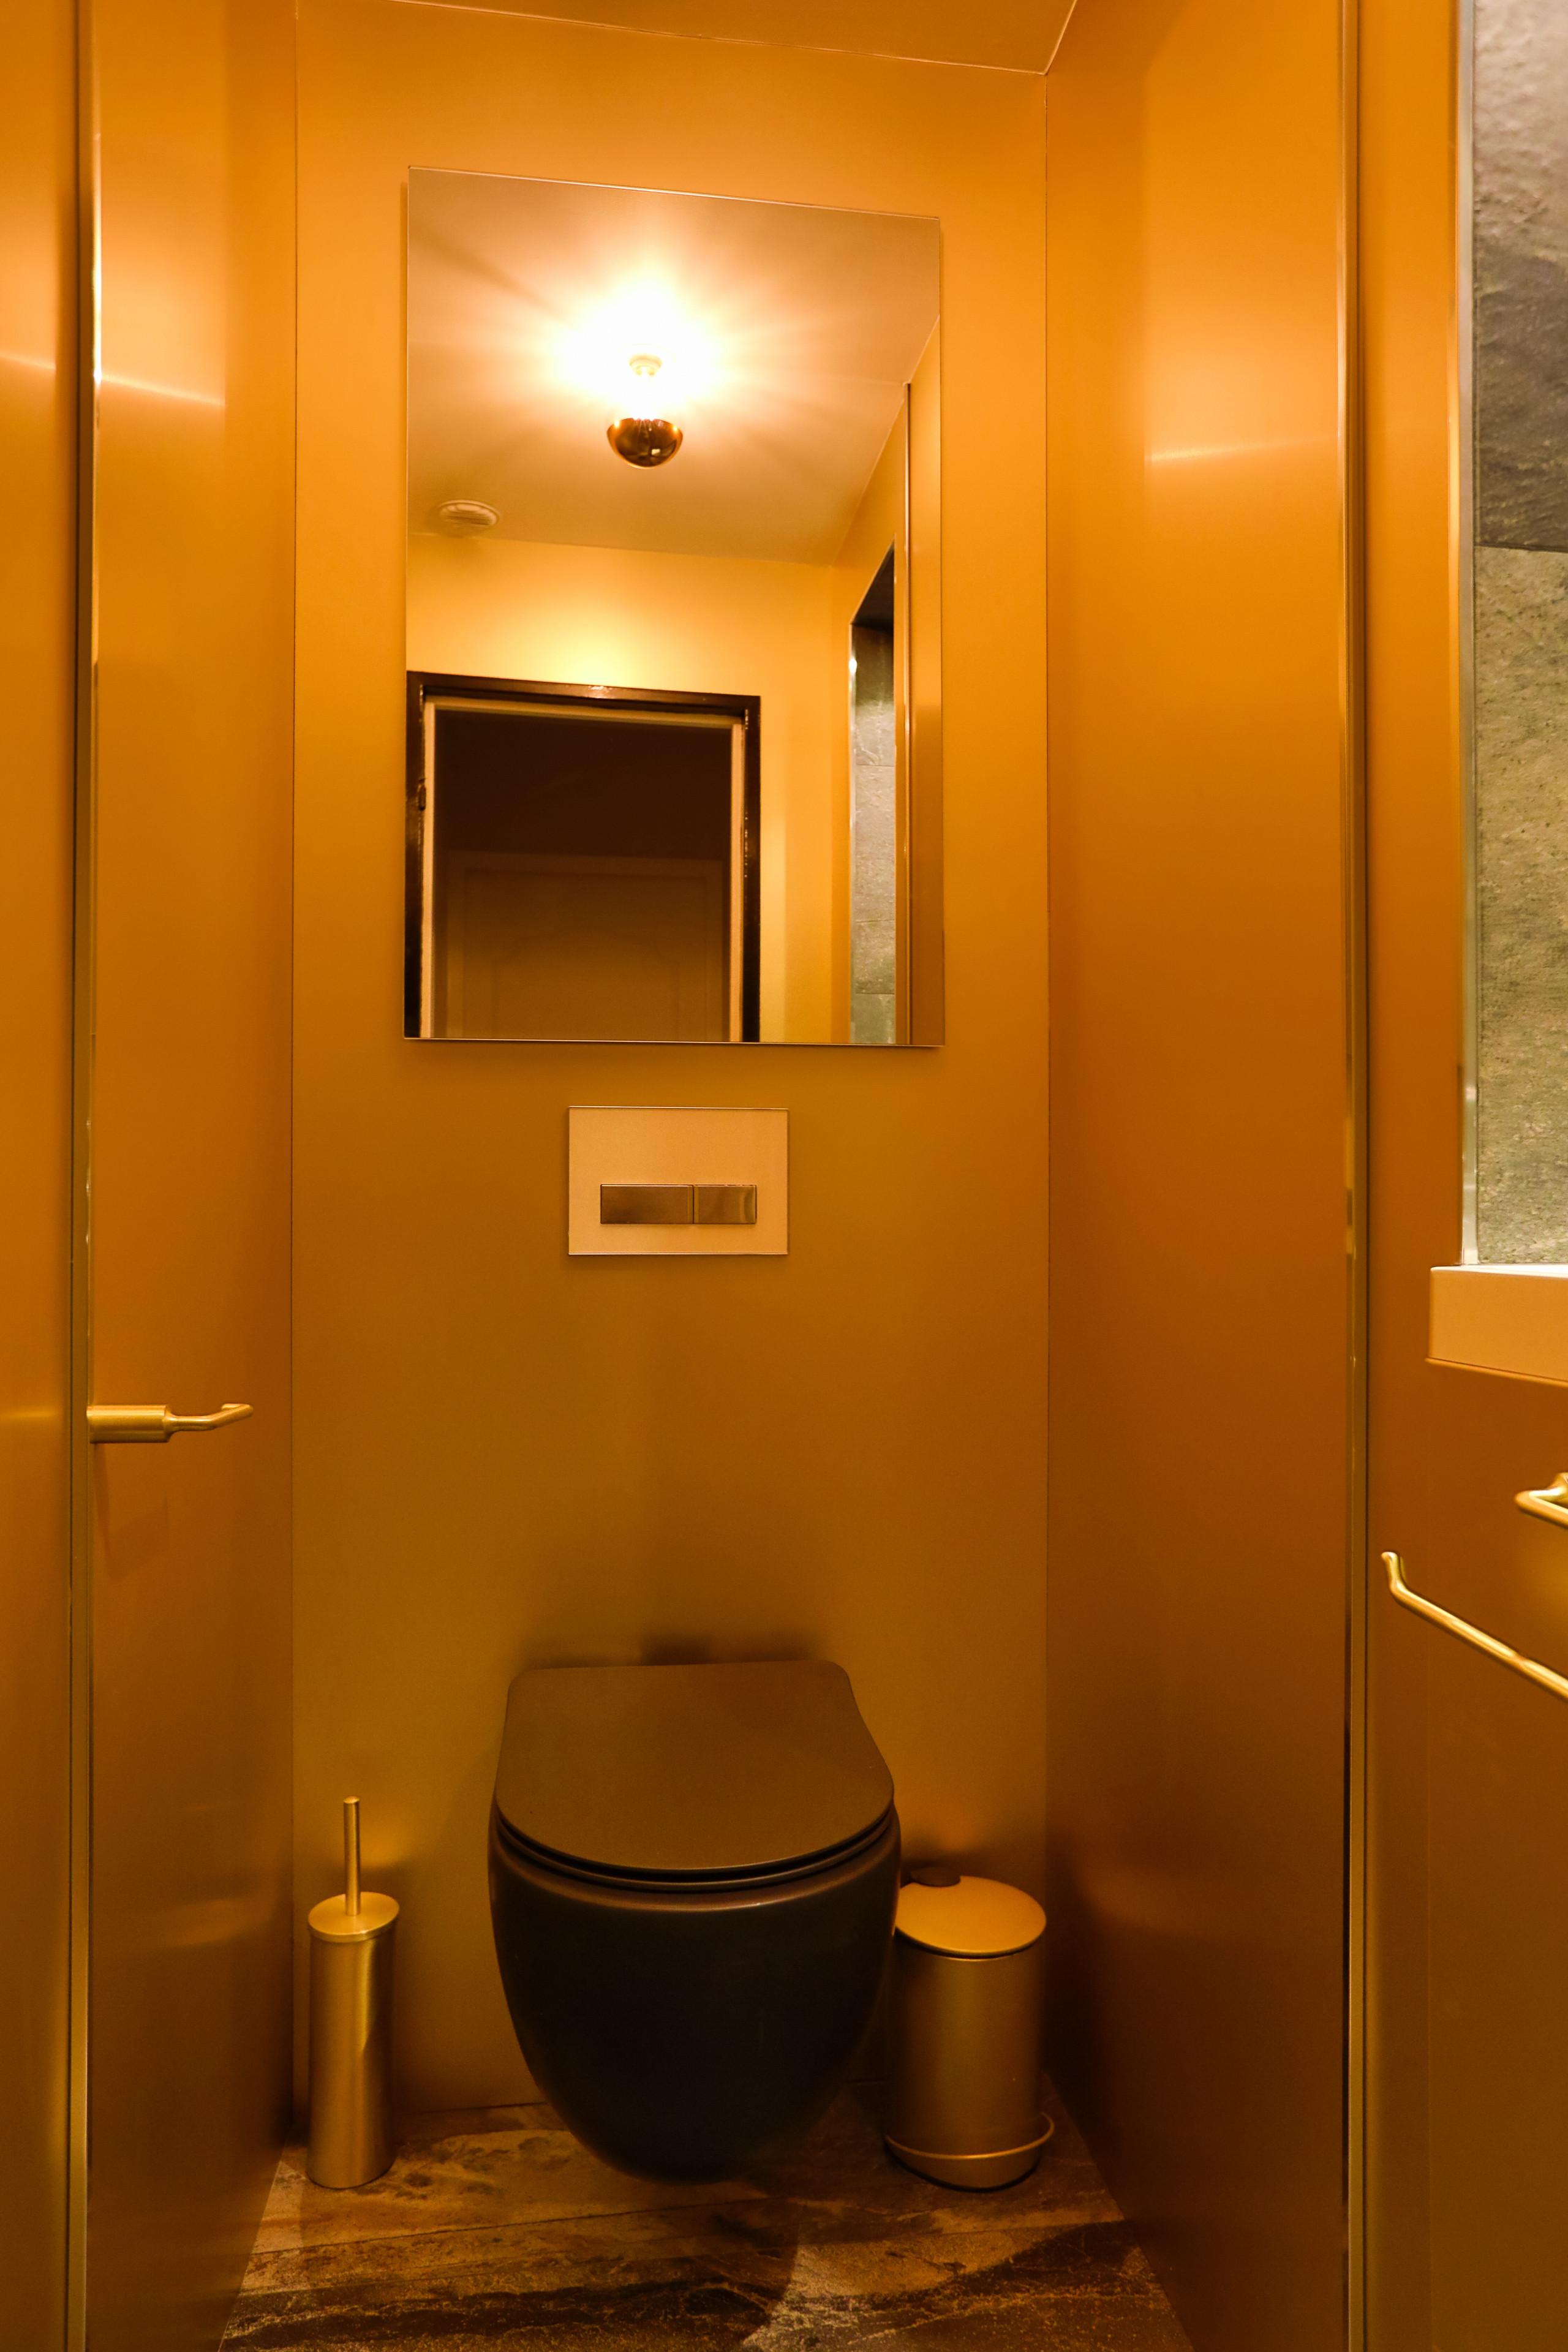 Toilettes indépendantes dans le même style que la salle d'eau.